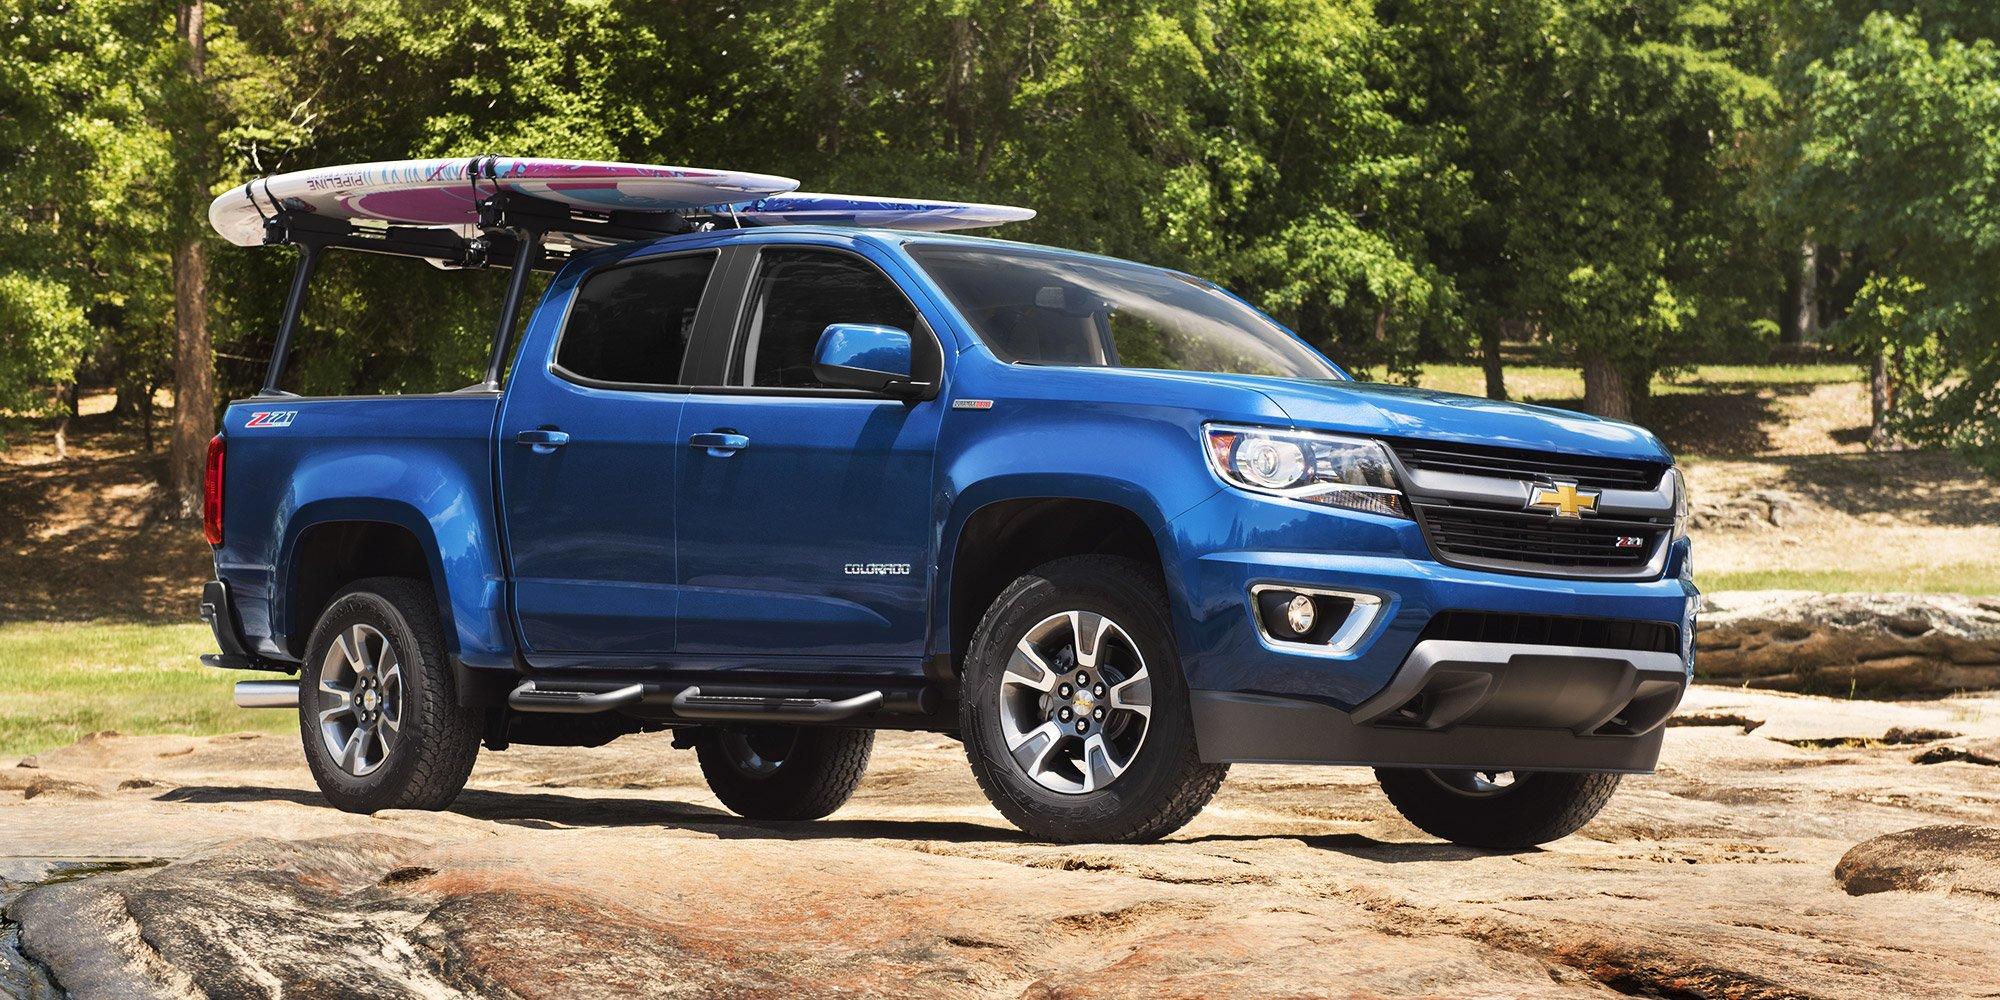 New Chevrolet Colorado